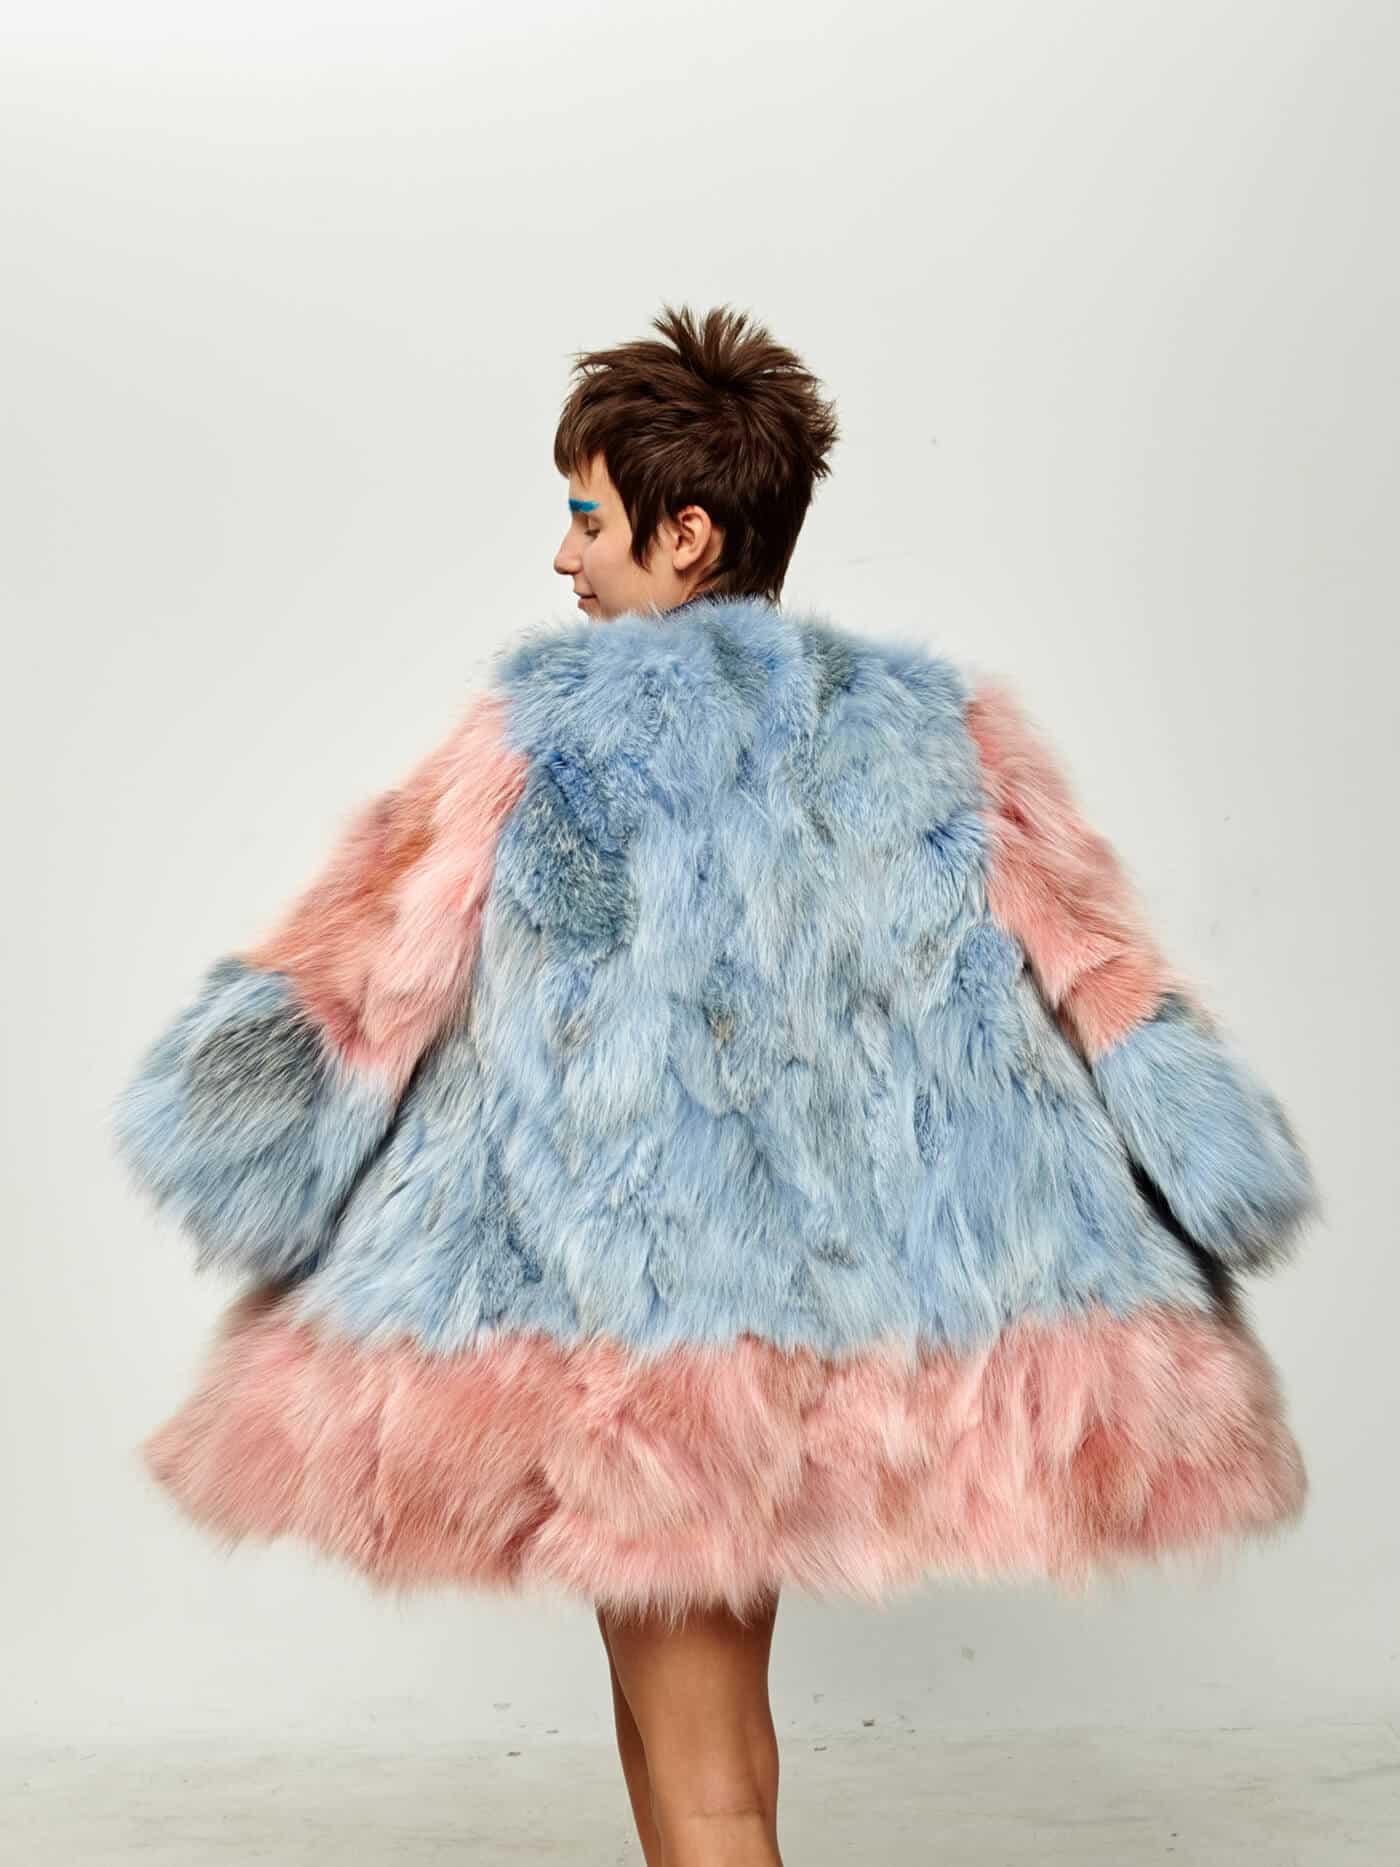 коллекции нестандартной моды 2017, фото 11